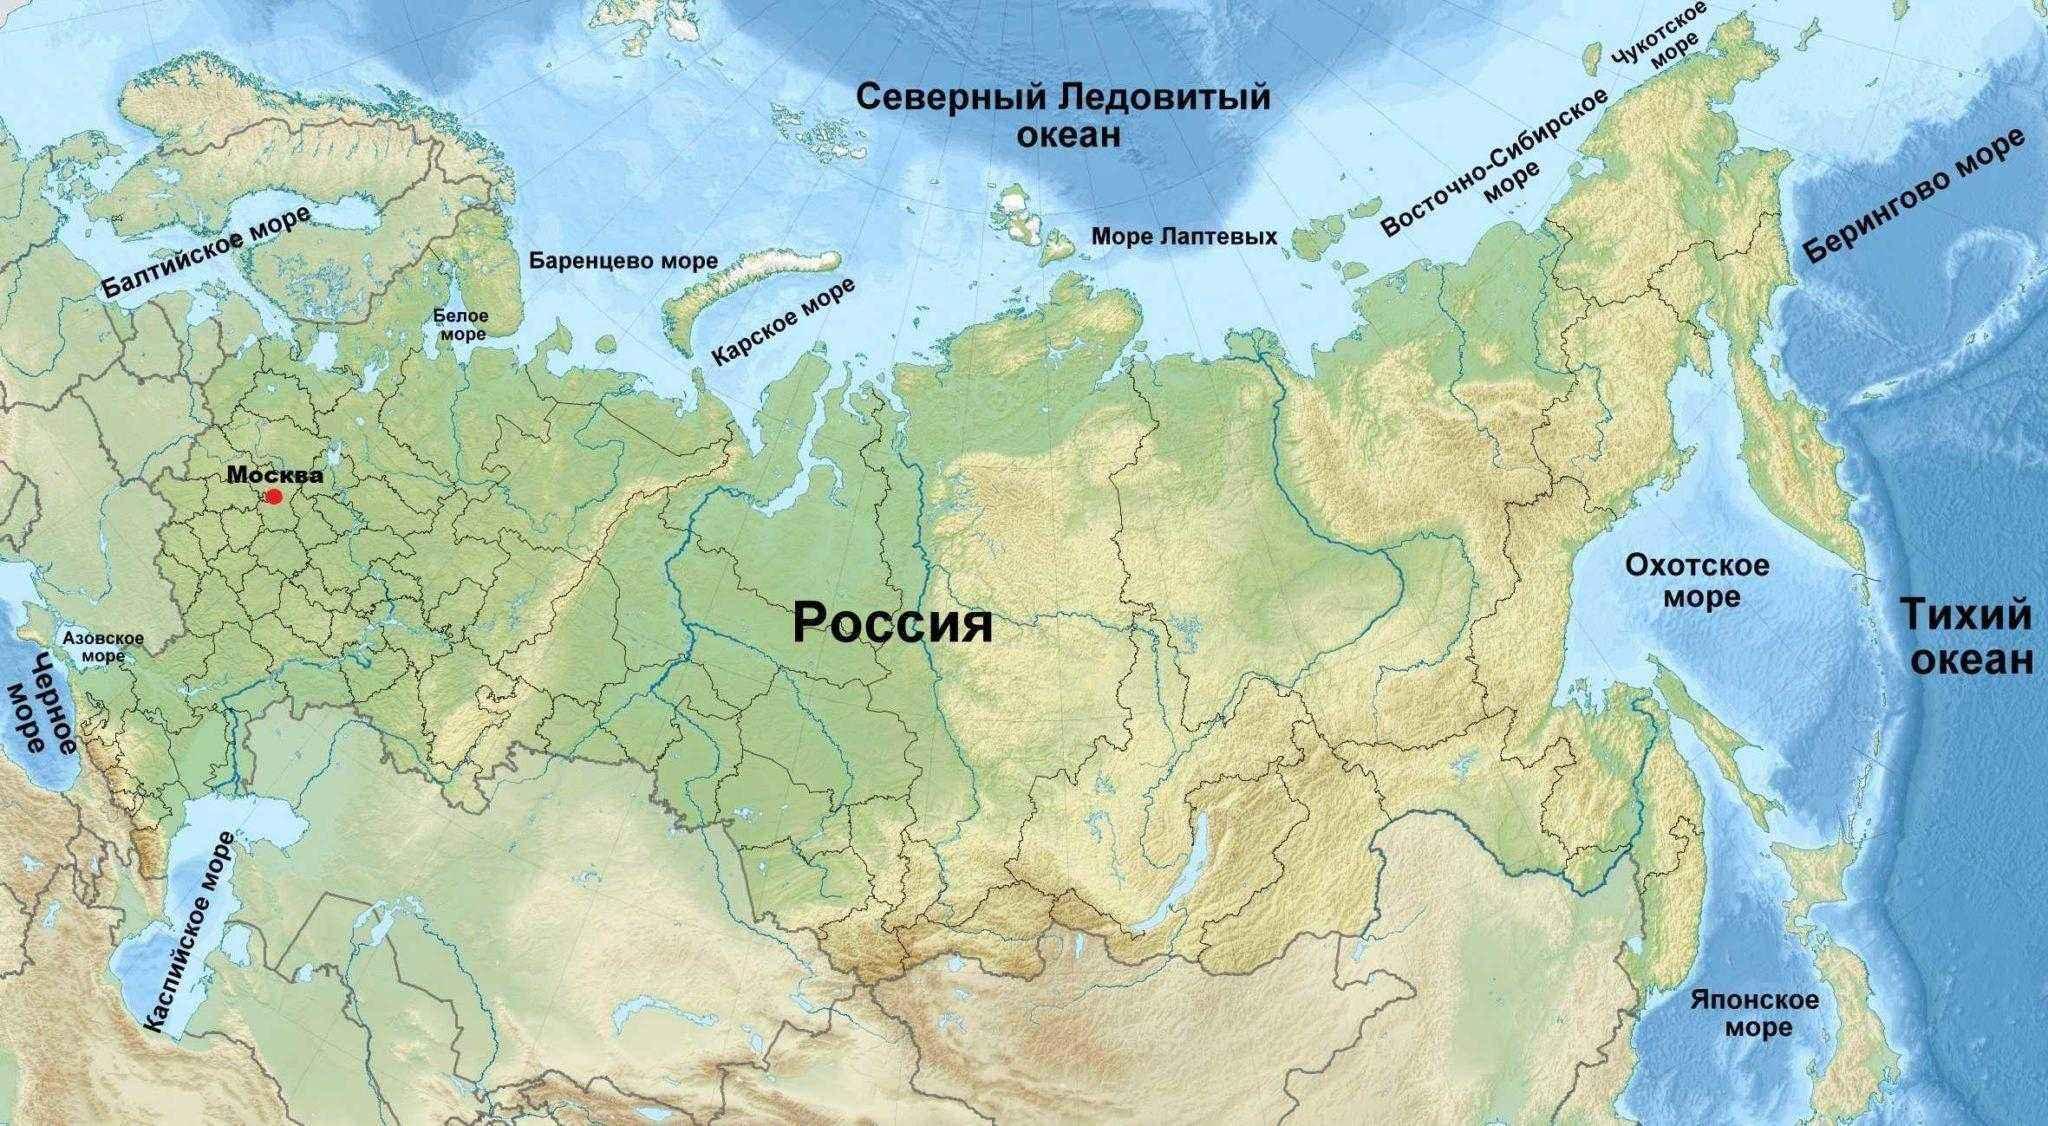 Моря и океаны, омывающие территорию Дальнего Востока России 2